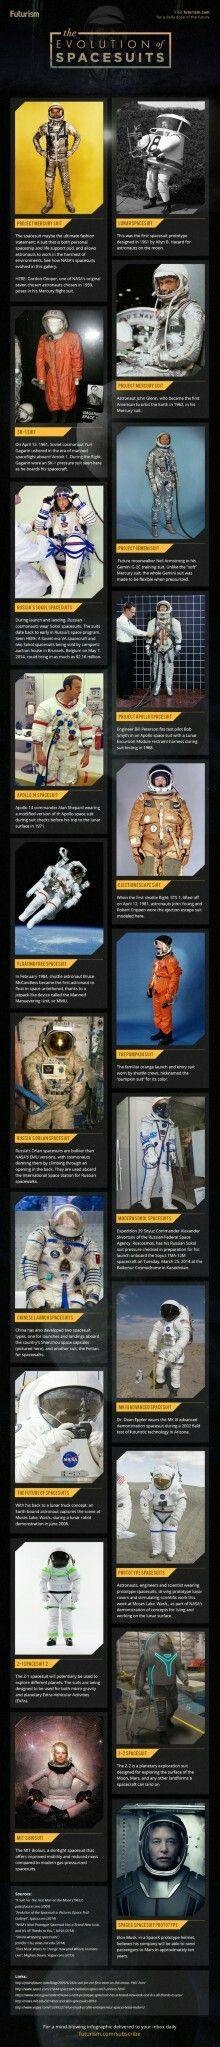 30 besten space suits Bilder auf Pinterest | Space suits, Armors und ...